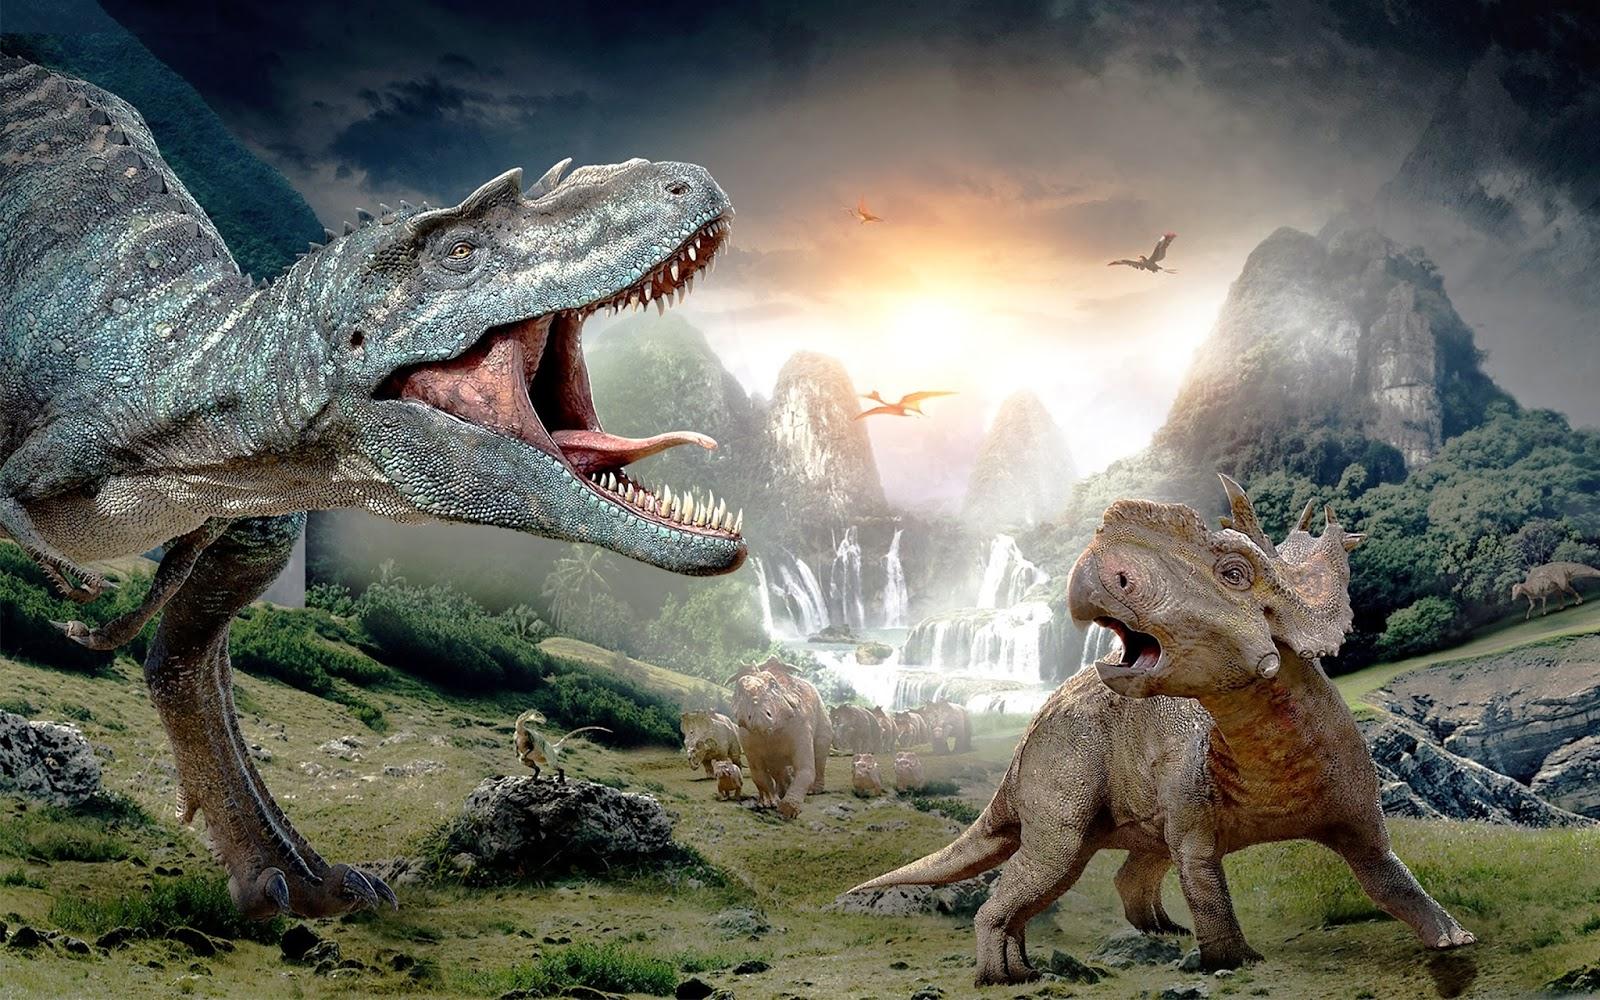 Estinzione dinosauri, declino iniziato prima dell'impatto dell'asteroide?